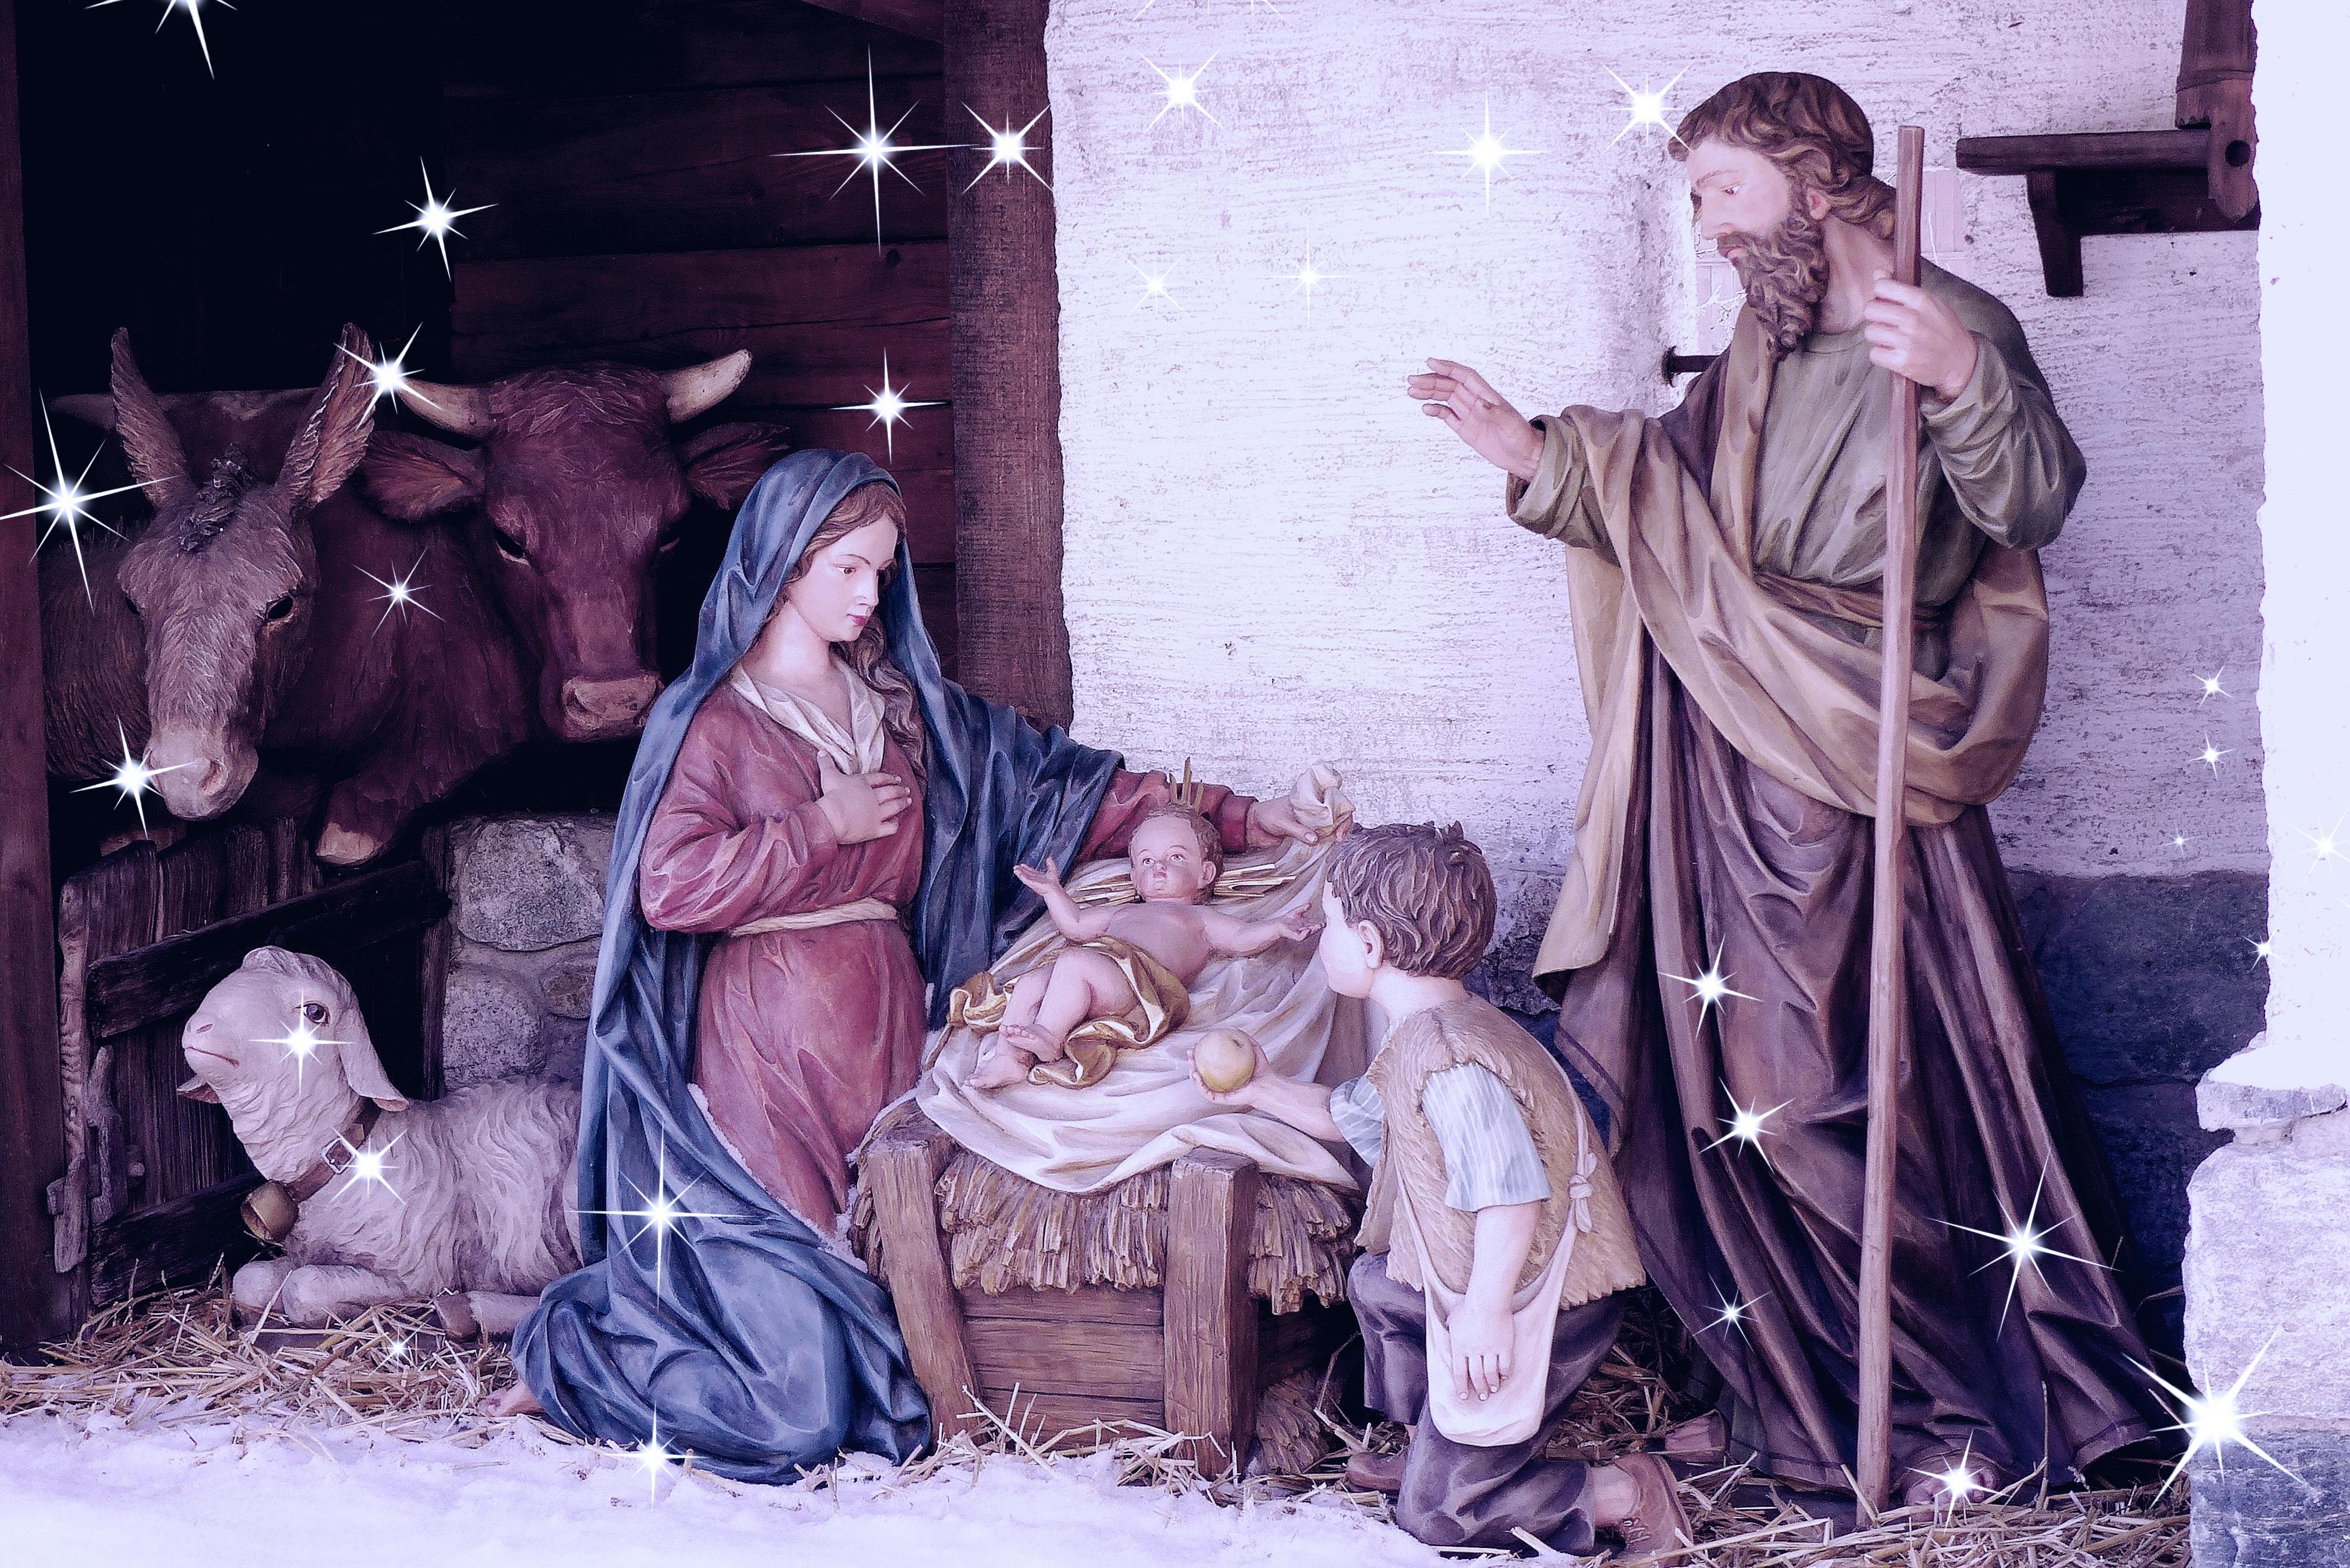 Христианские рождественские картинки в хорошем качестве